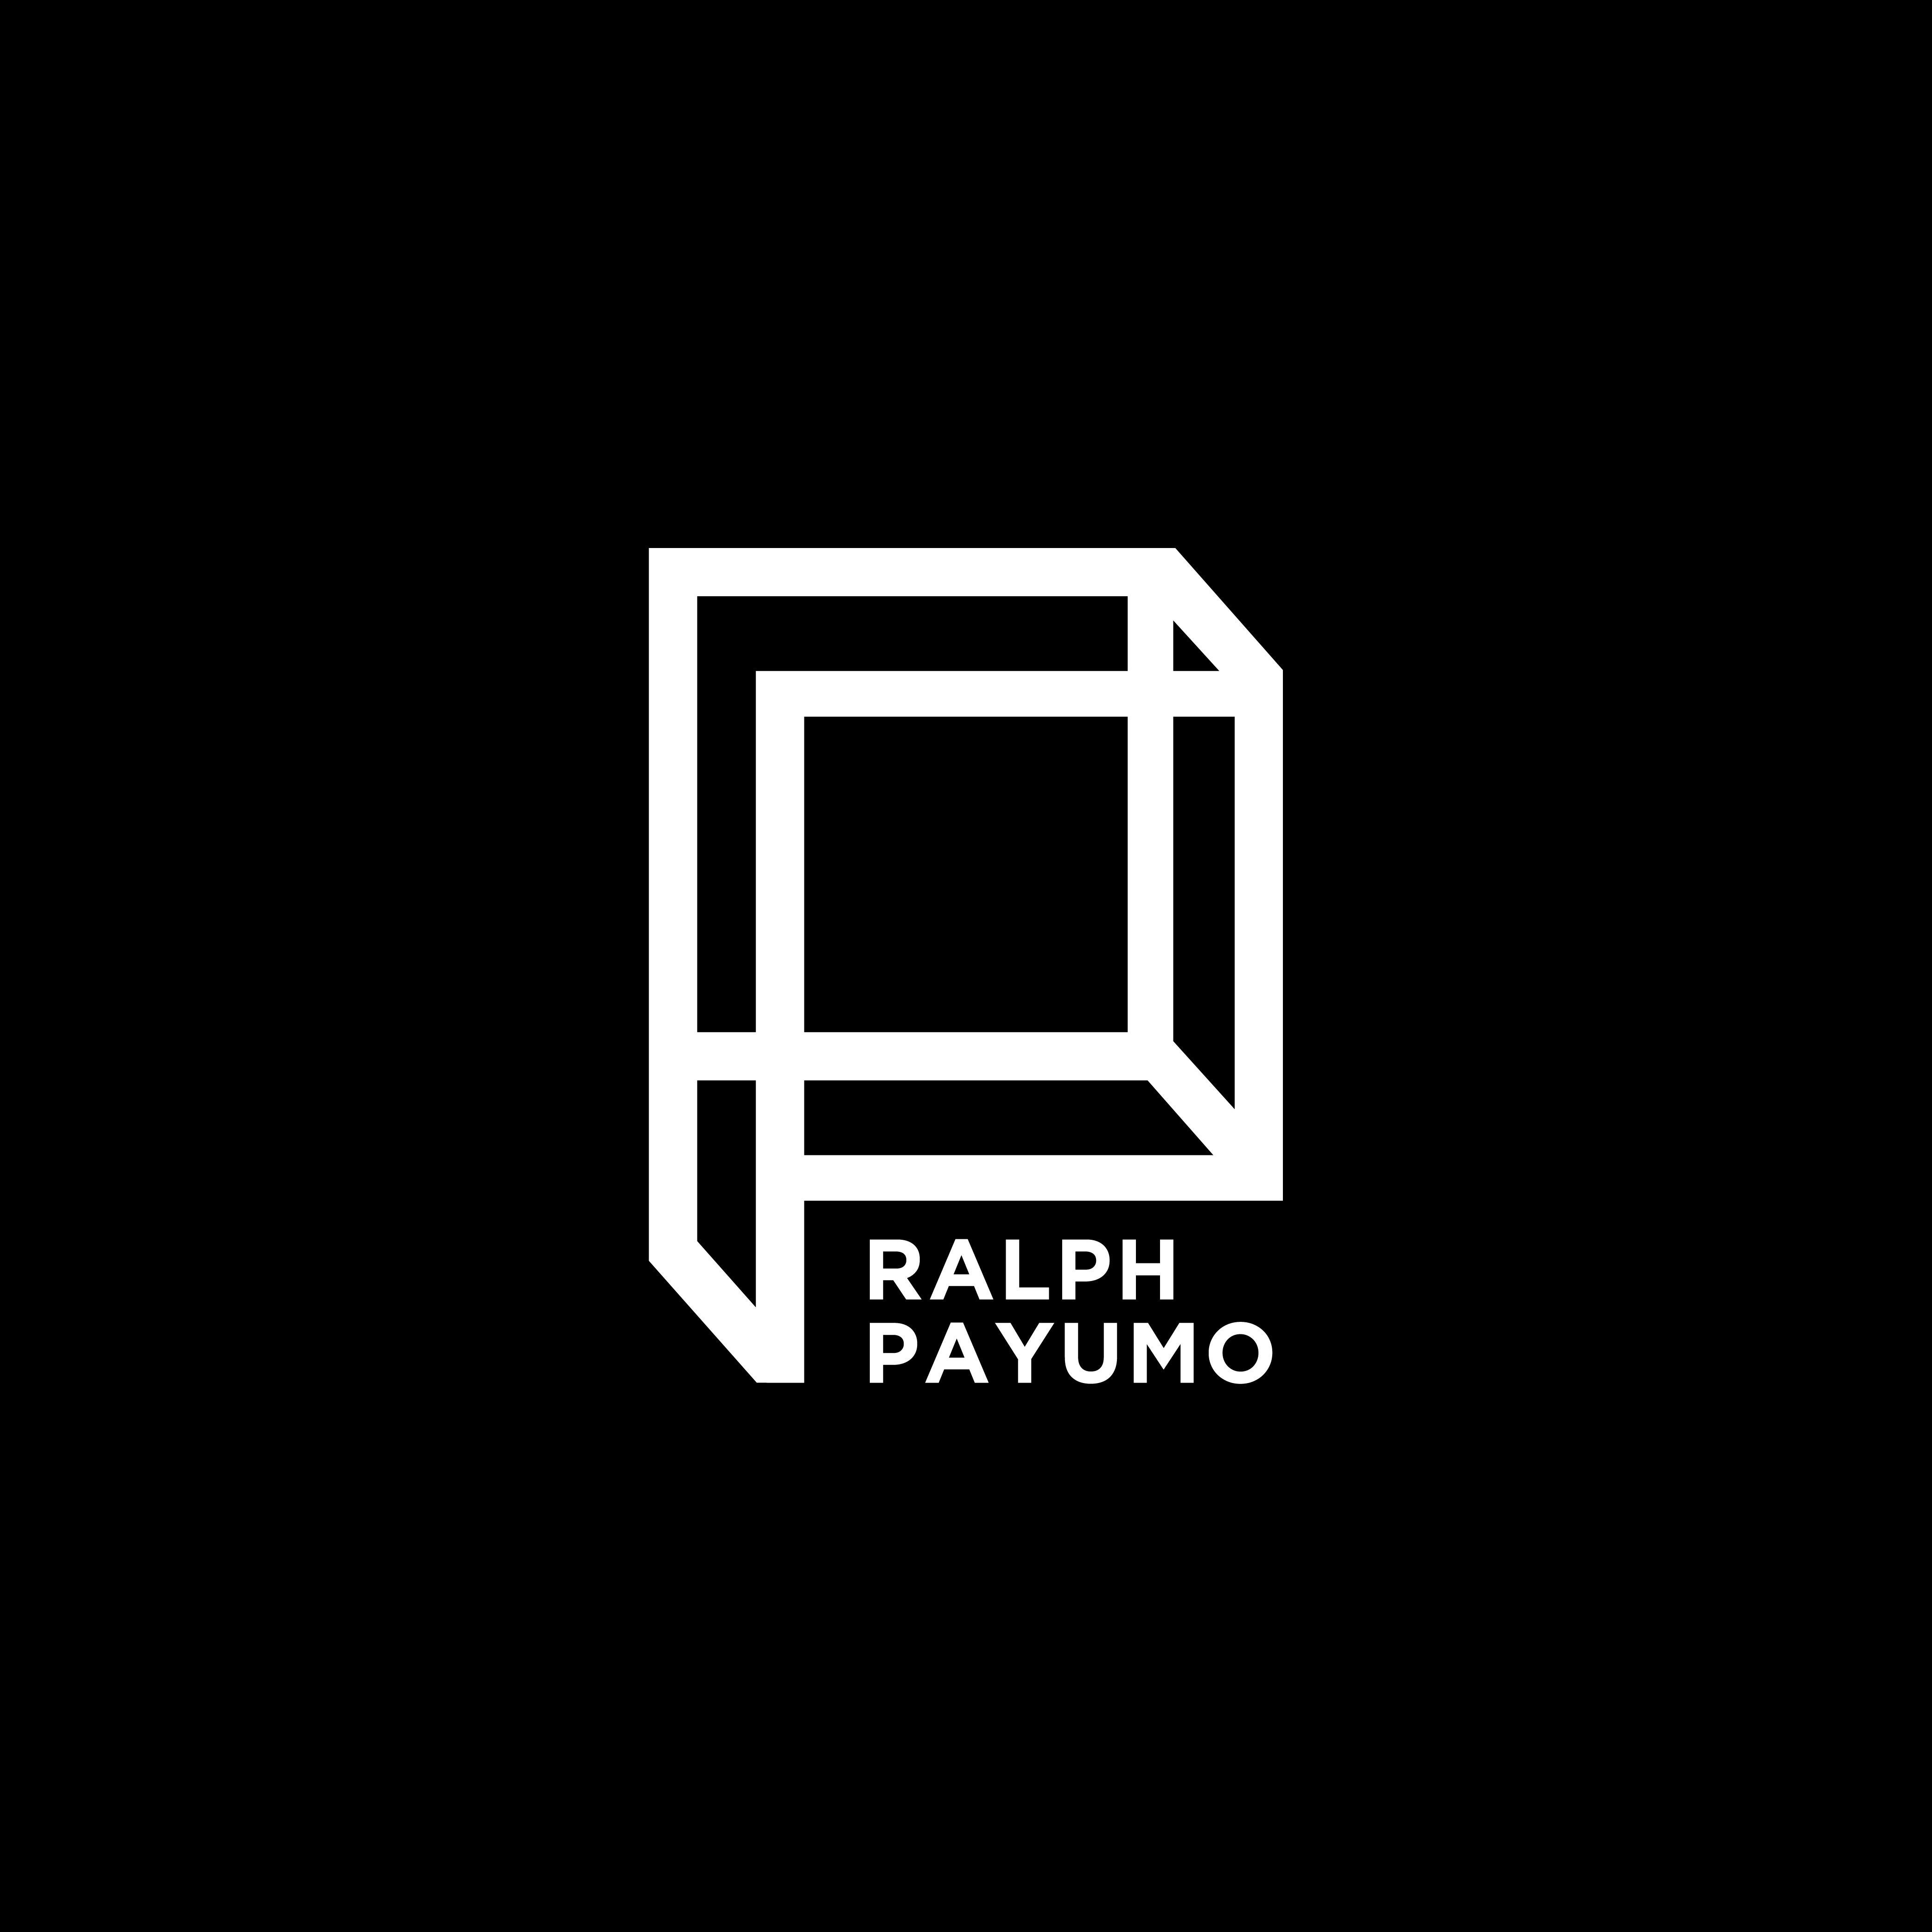 Ralph Payumo